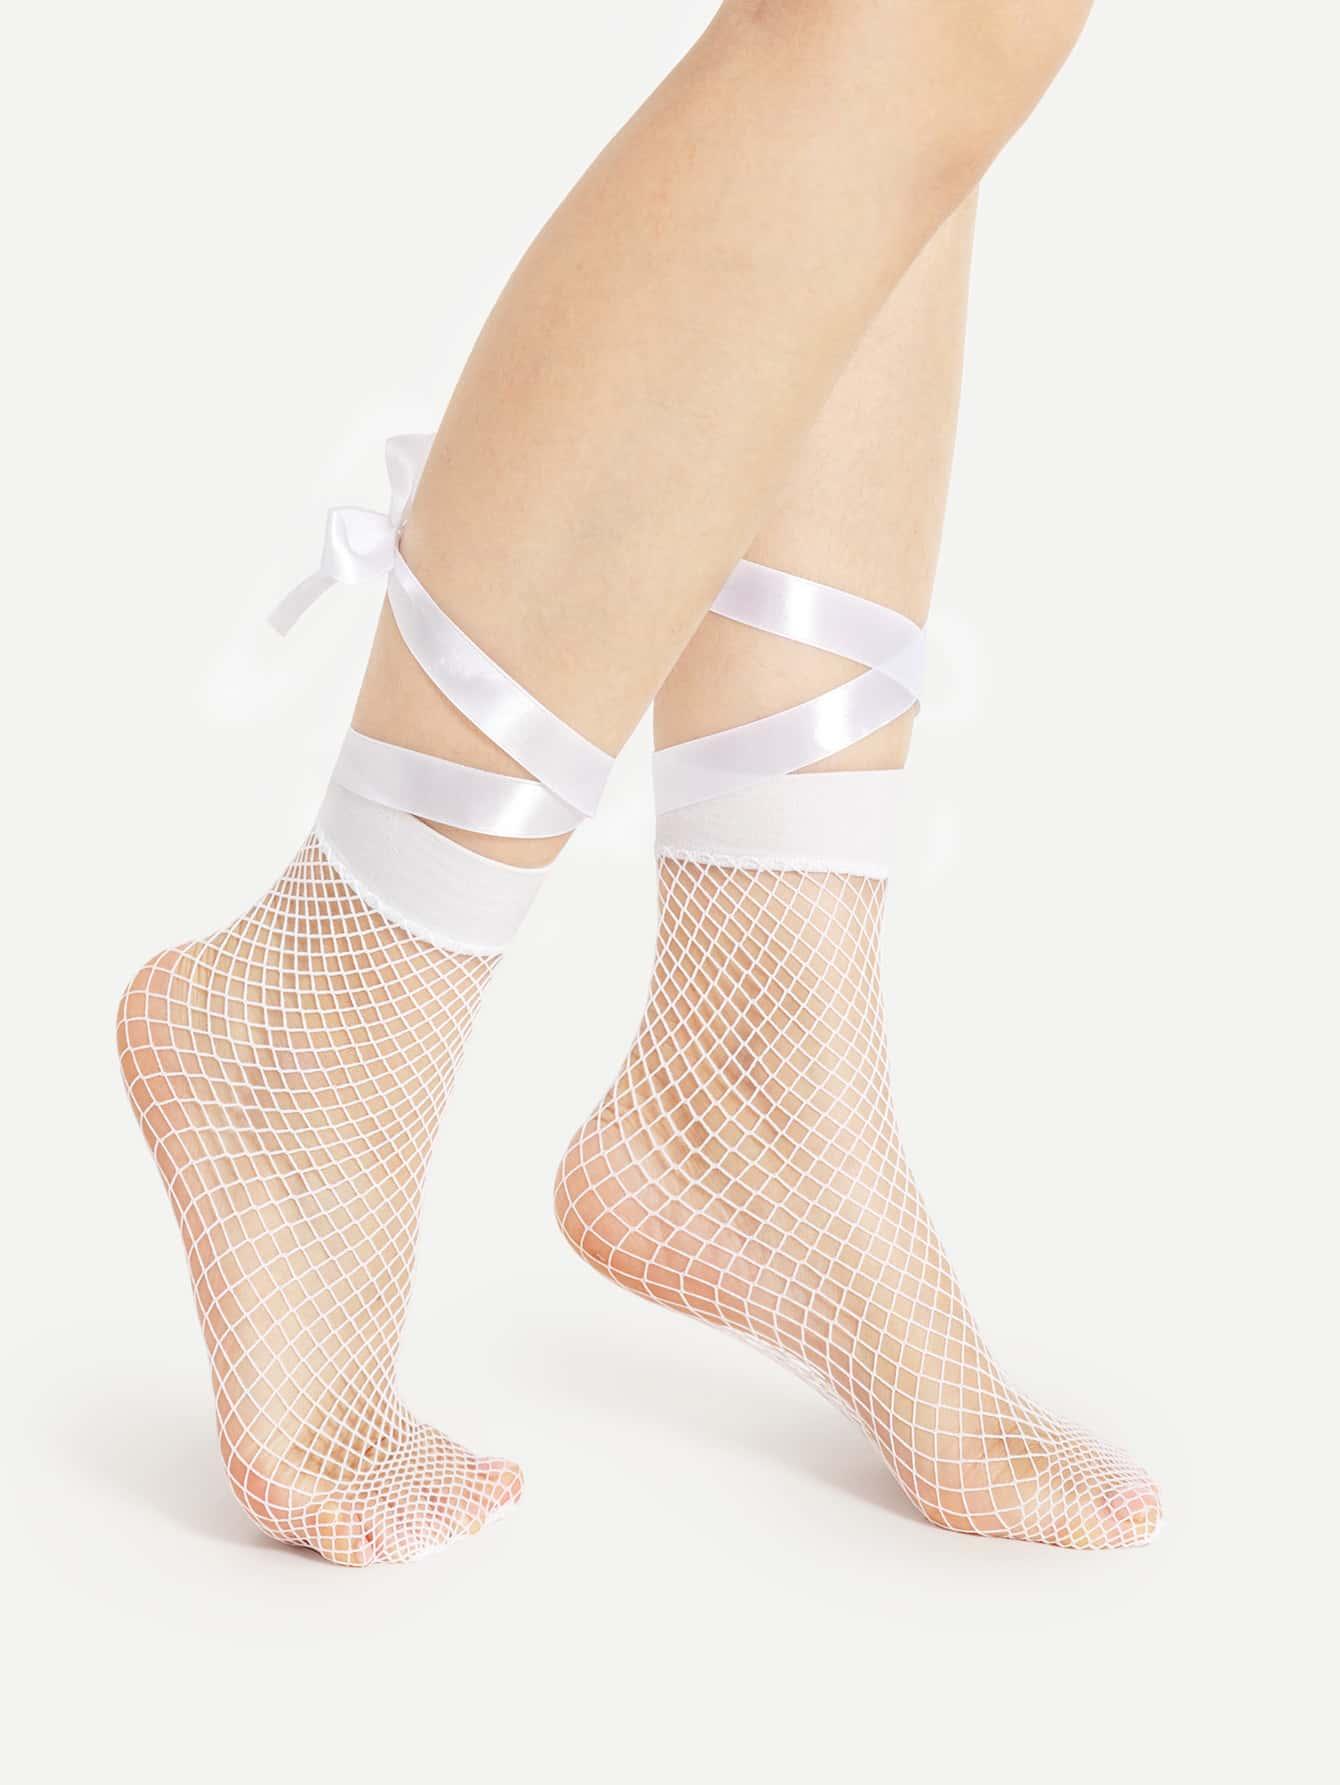 Lace Up Fishnet Ankle Socks fishnet ankle socks